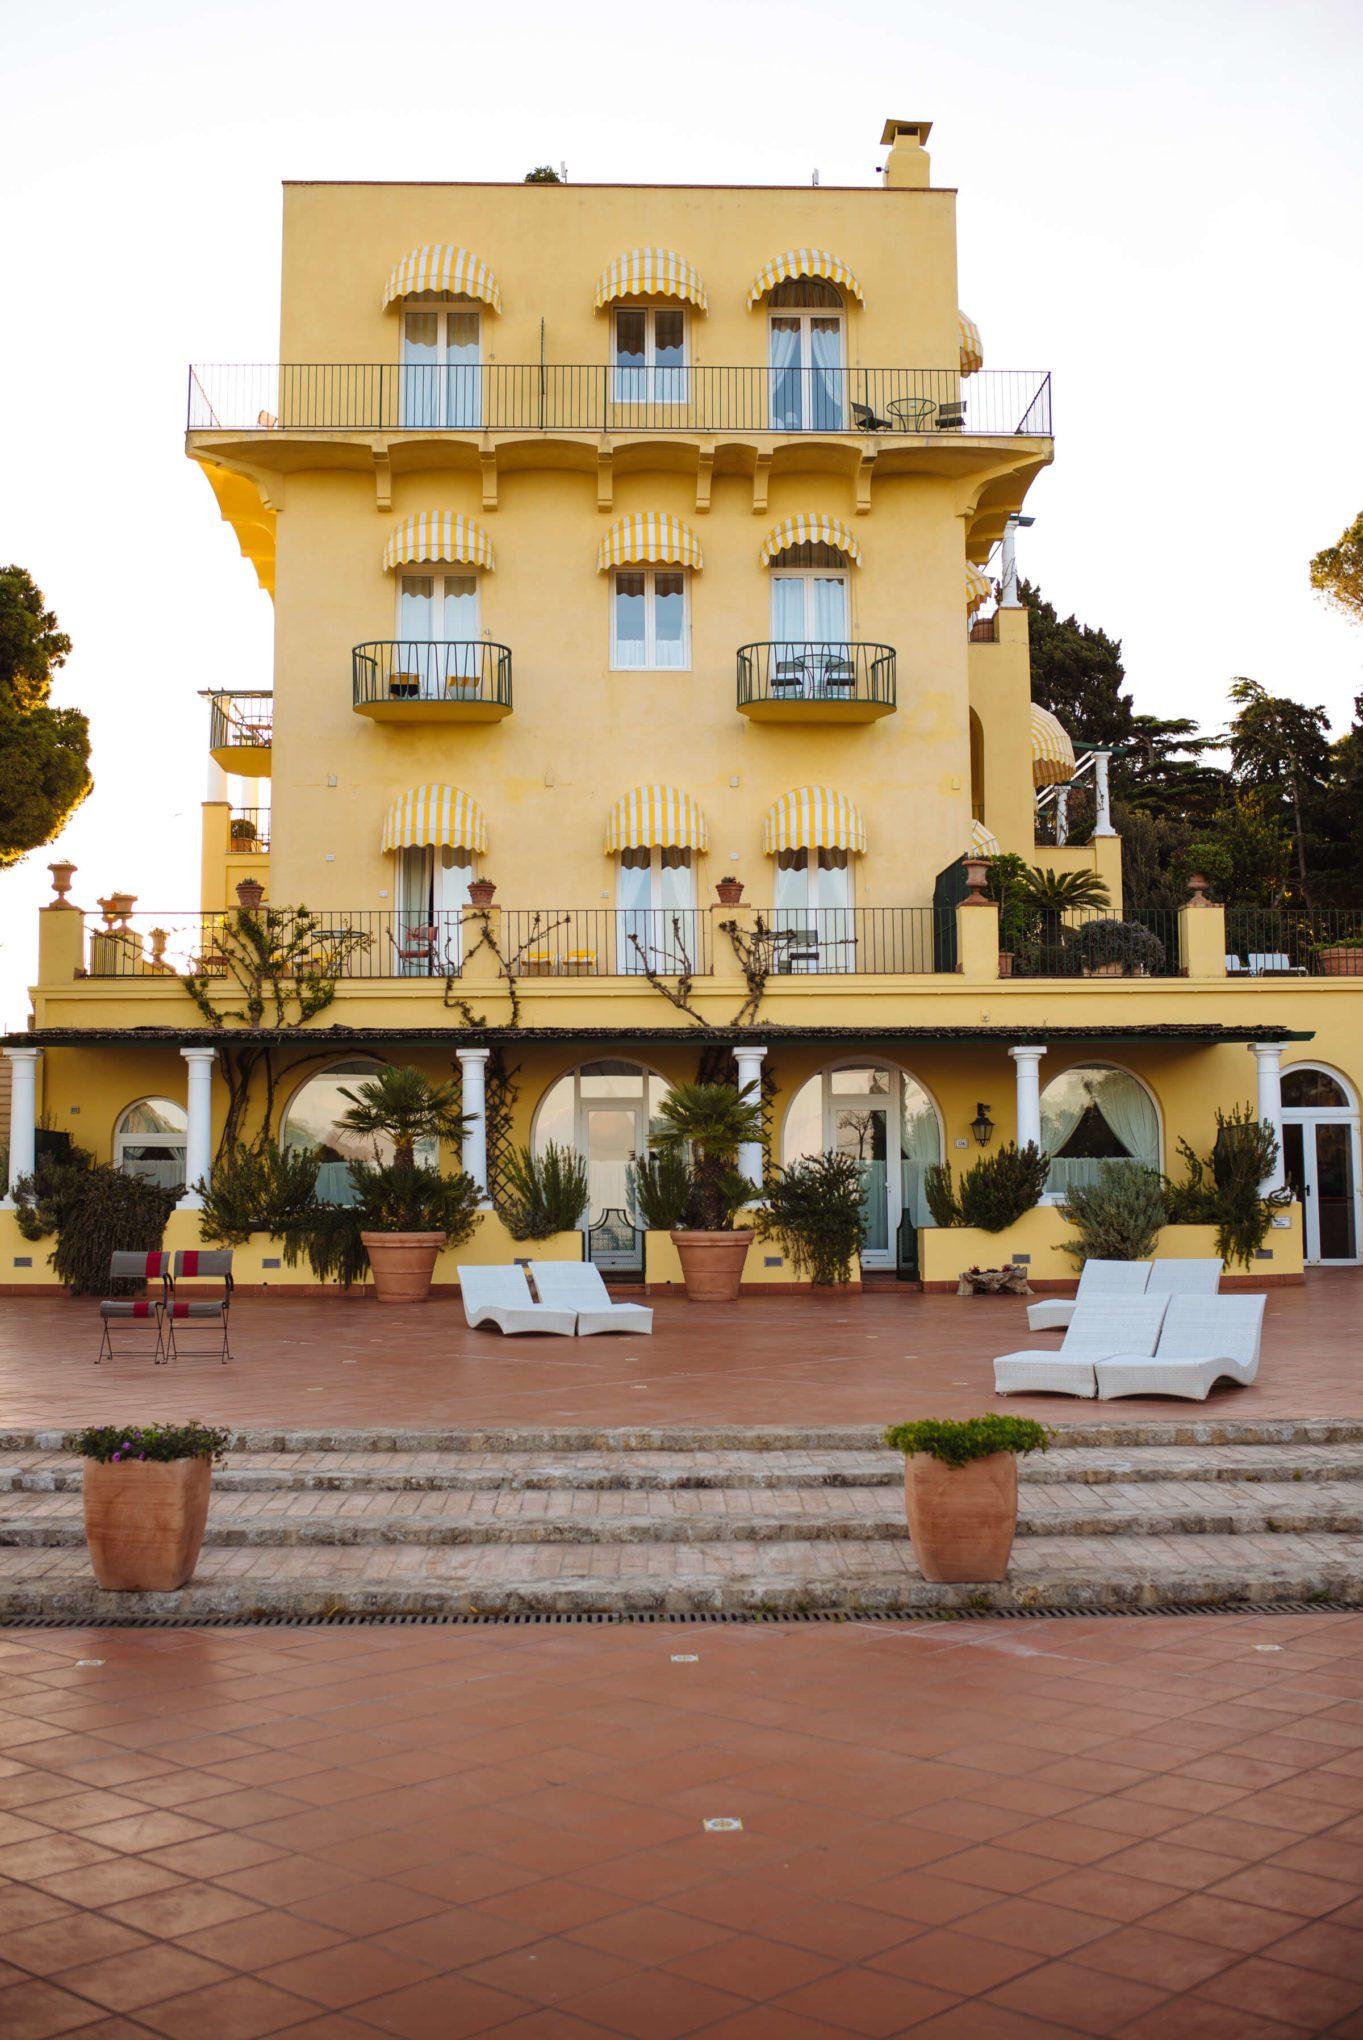 Hotel Caesar Augustus Capri Italy - The Taste Edit